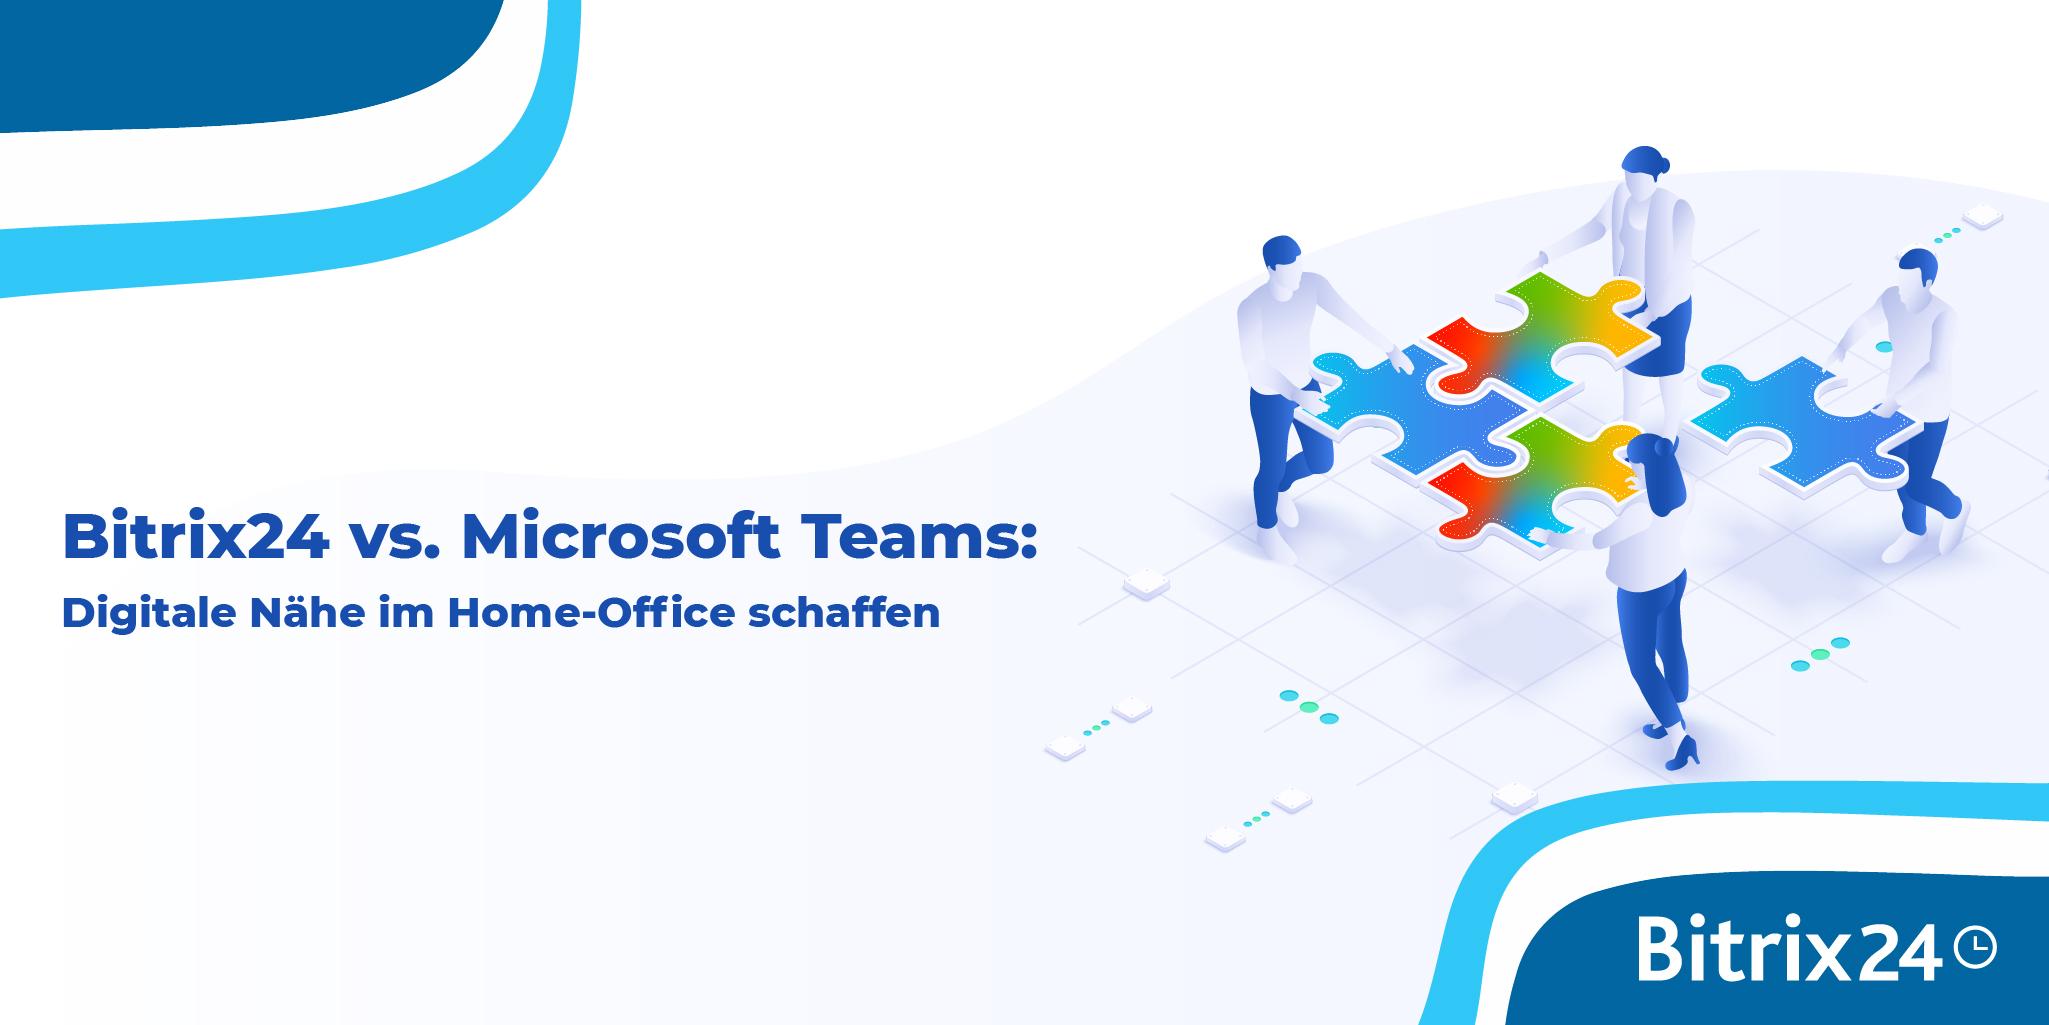 Webinar: Bitrix24 vs. Microsoft Teams - Digitale Nähe im Home-Office schaffen